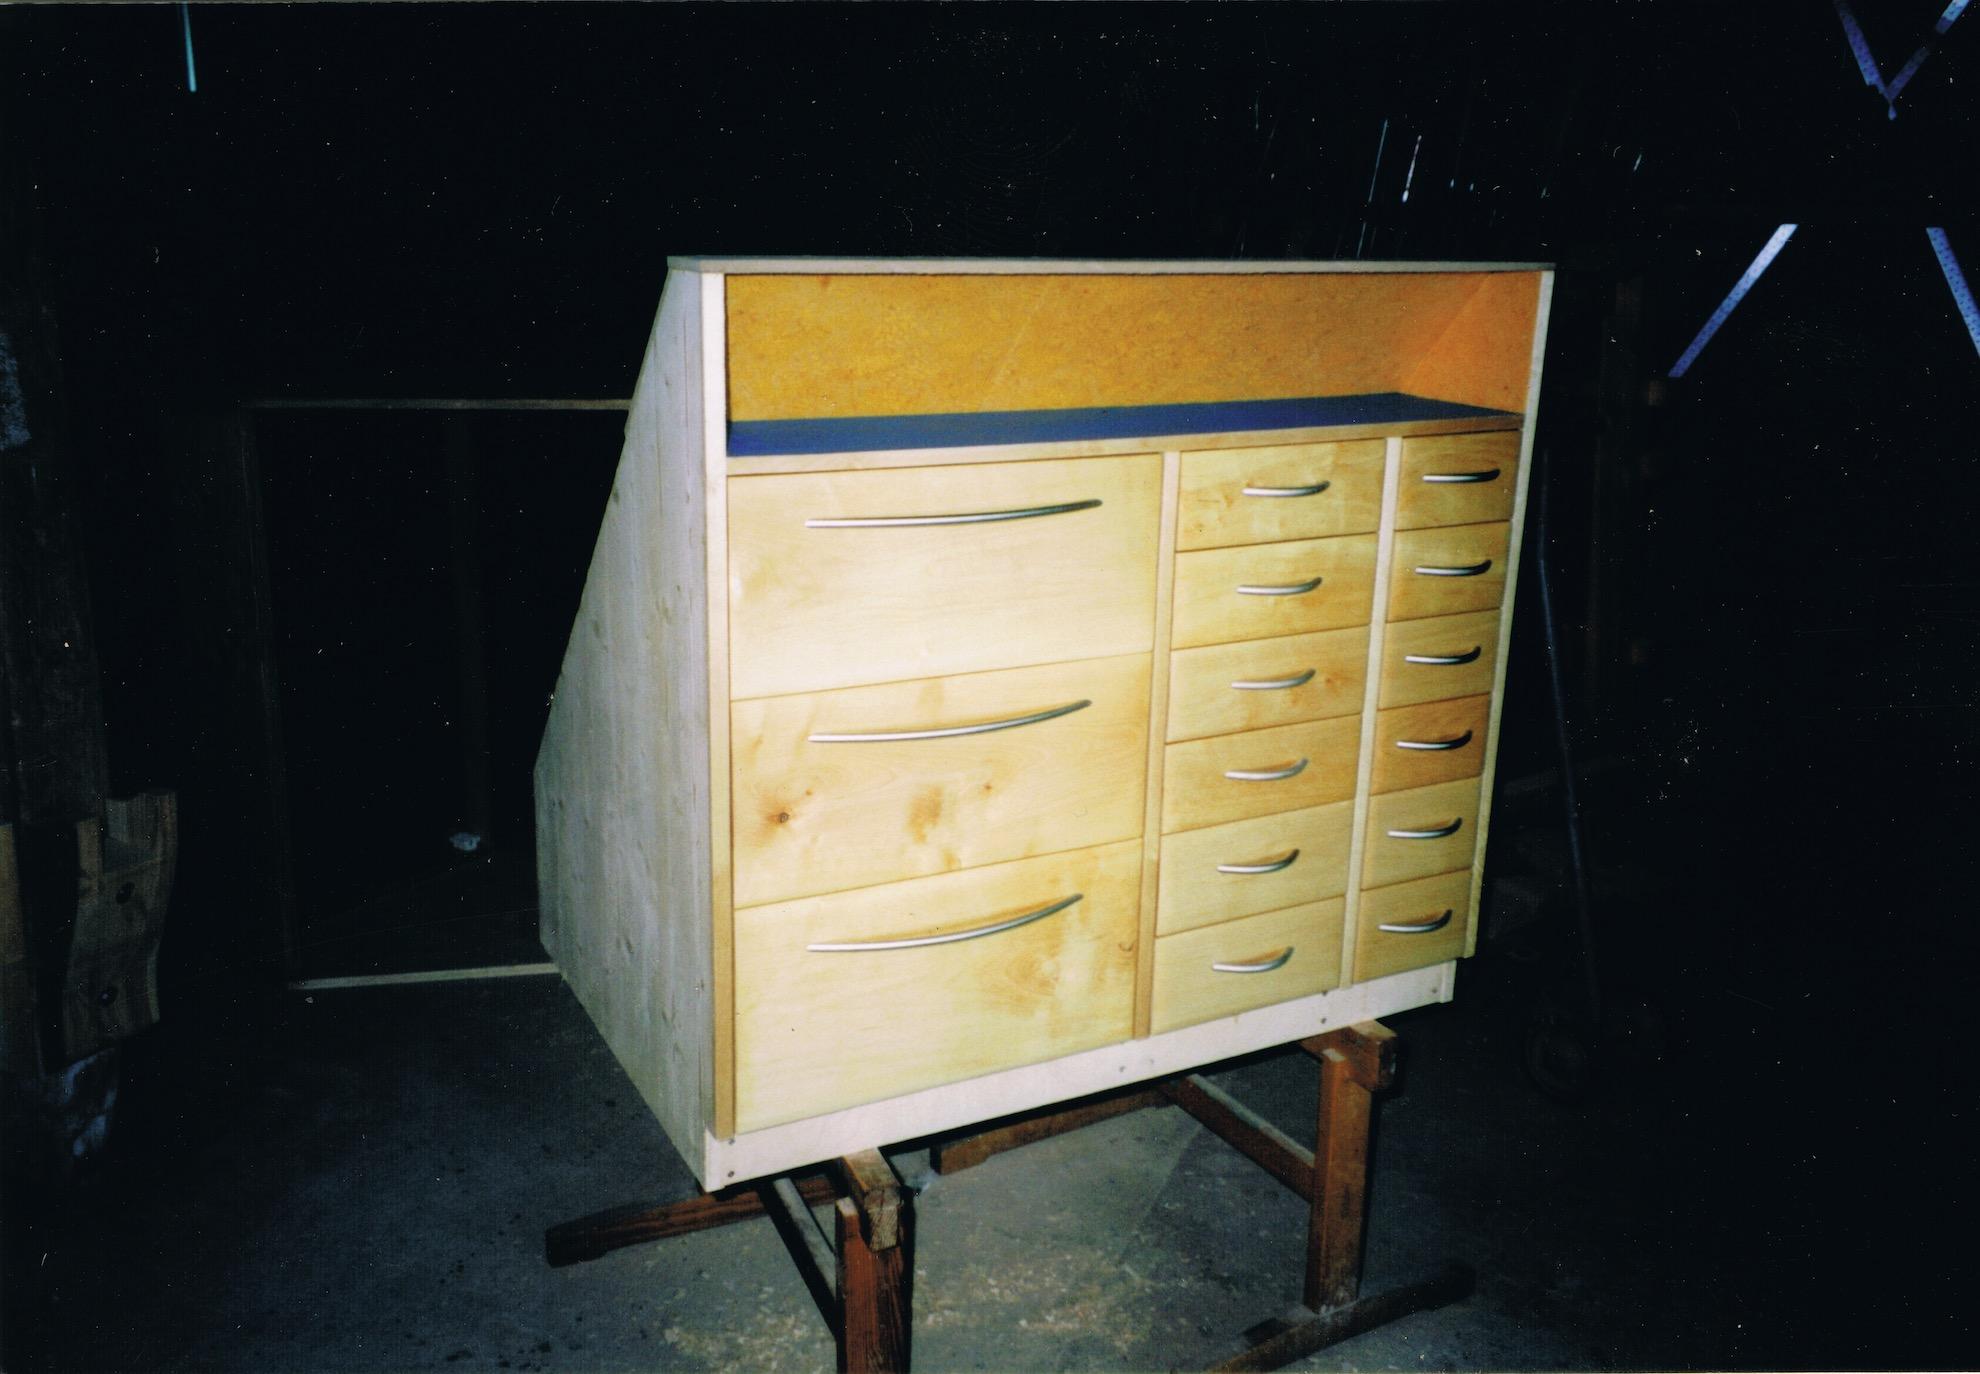 neue m bel holz gestaltung t rke. Black Bedroom Furniture Sets. Home Design Ideas